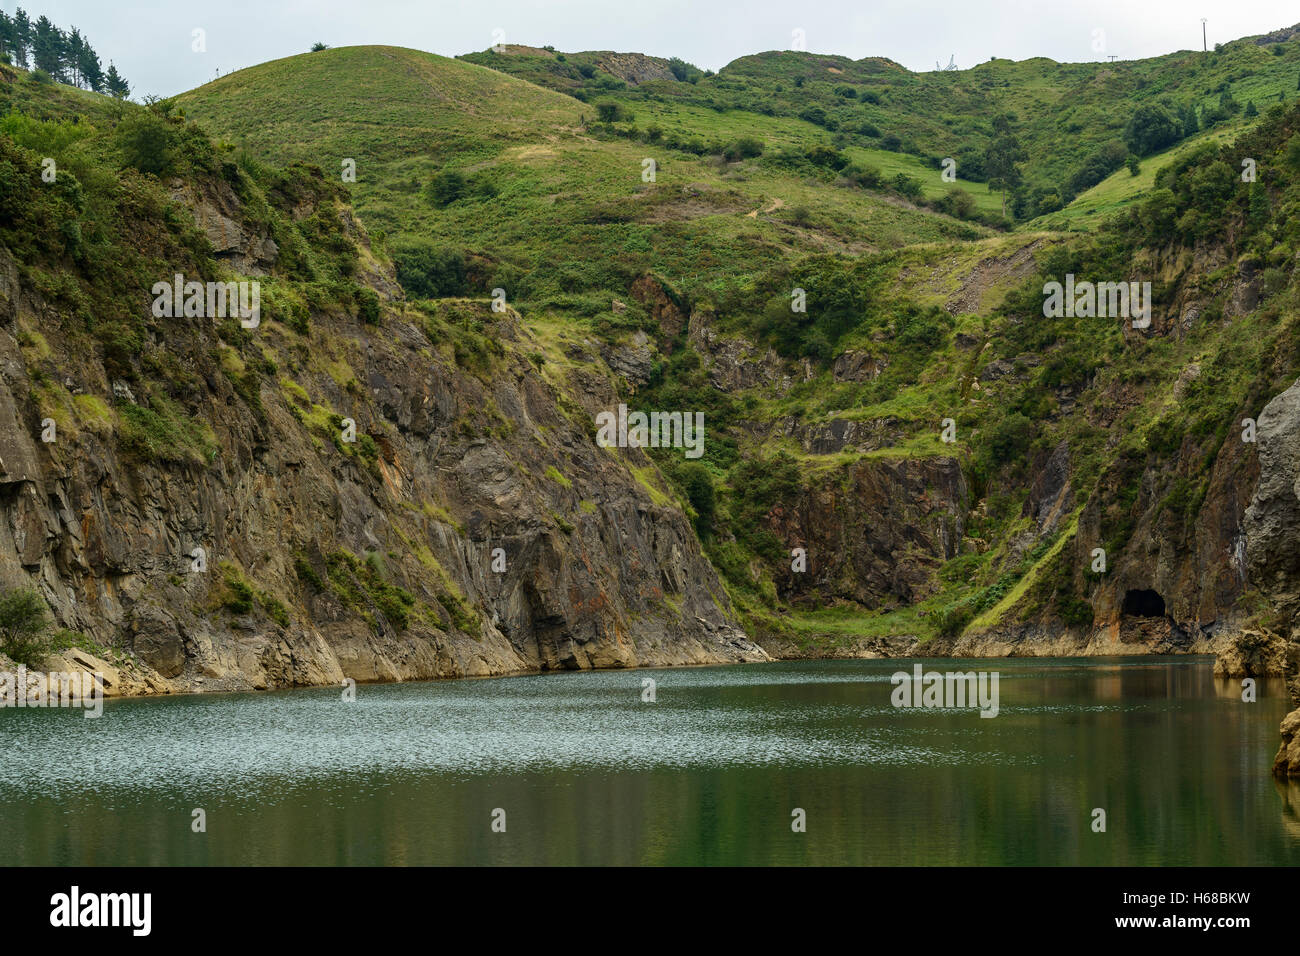 Park of La Arboleda - recreation area in Trapaga Valley near Bilbao, Vizcaya, Basque Country, Spain, Europe Stock Photo